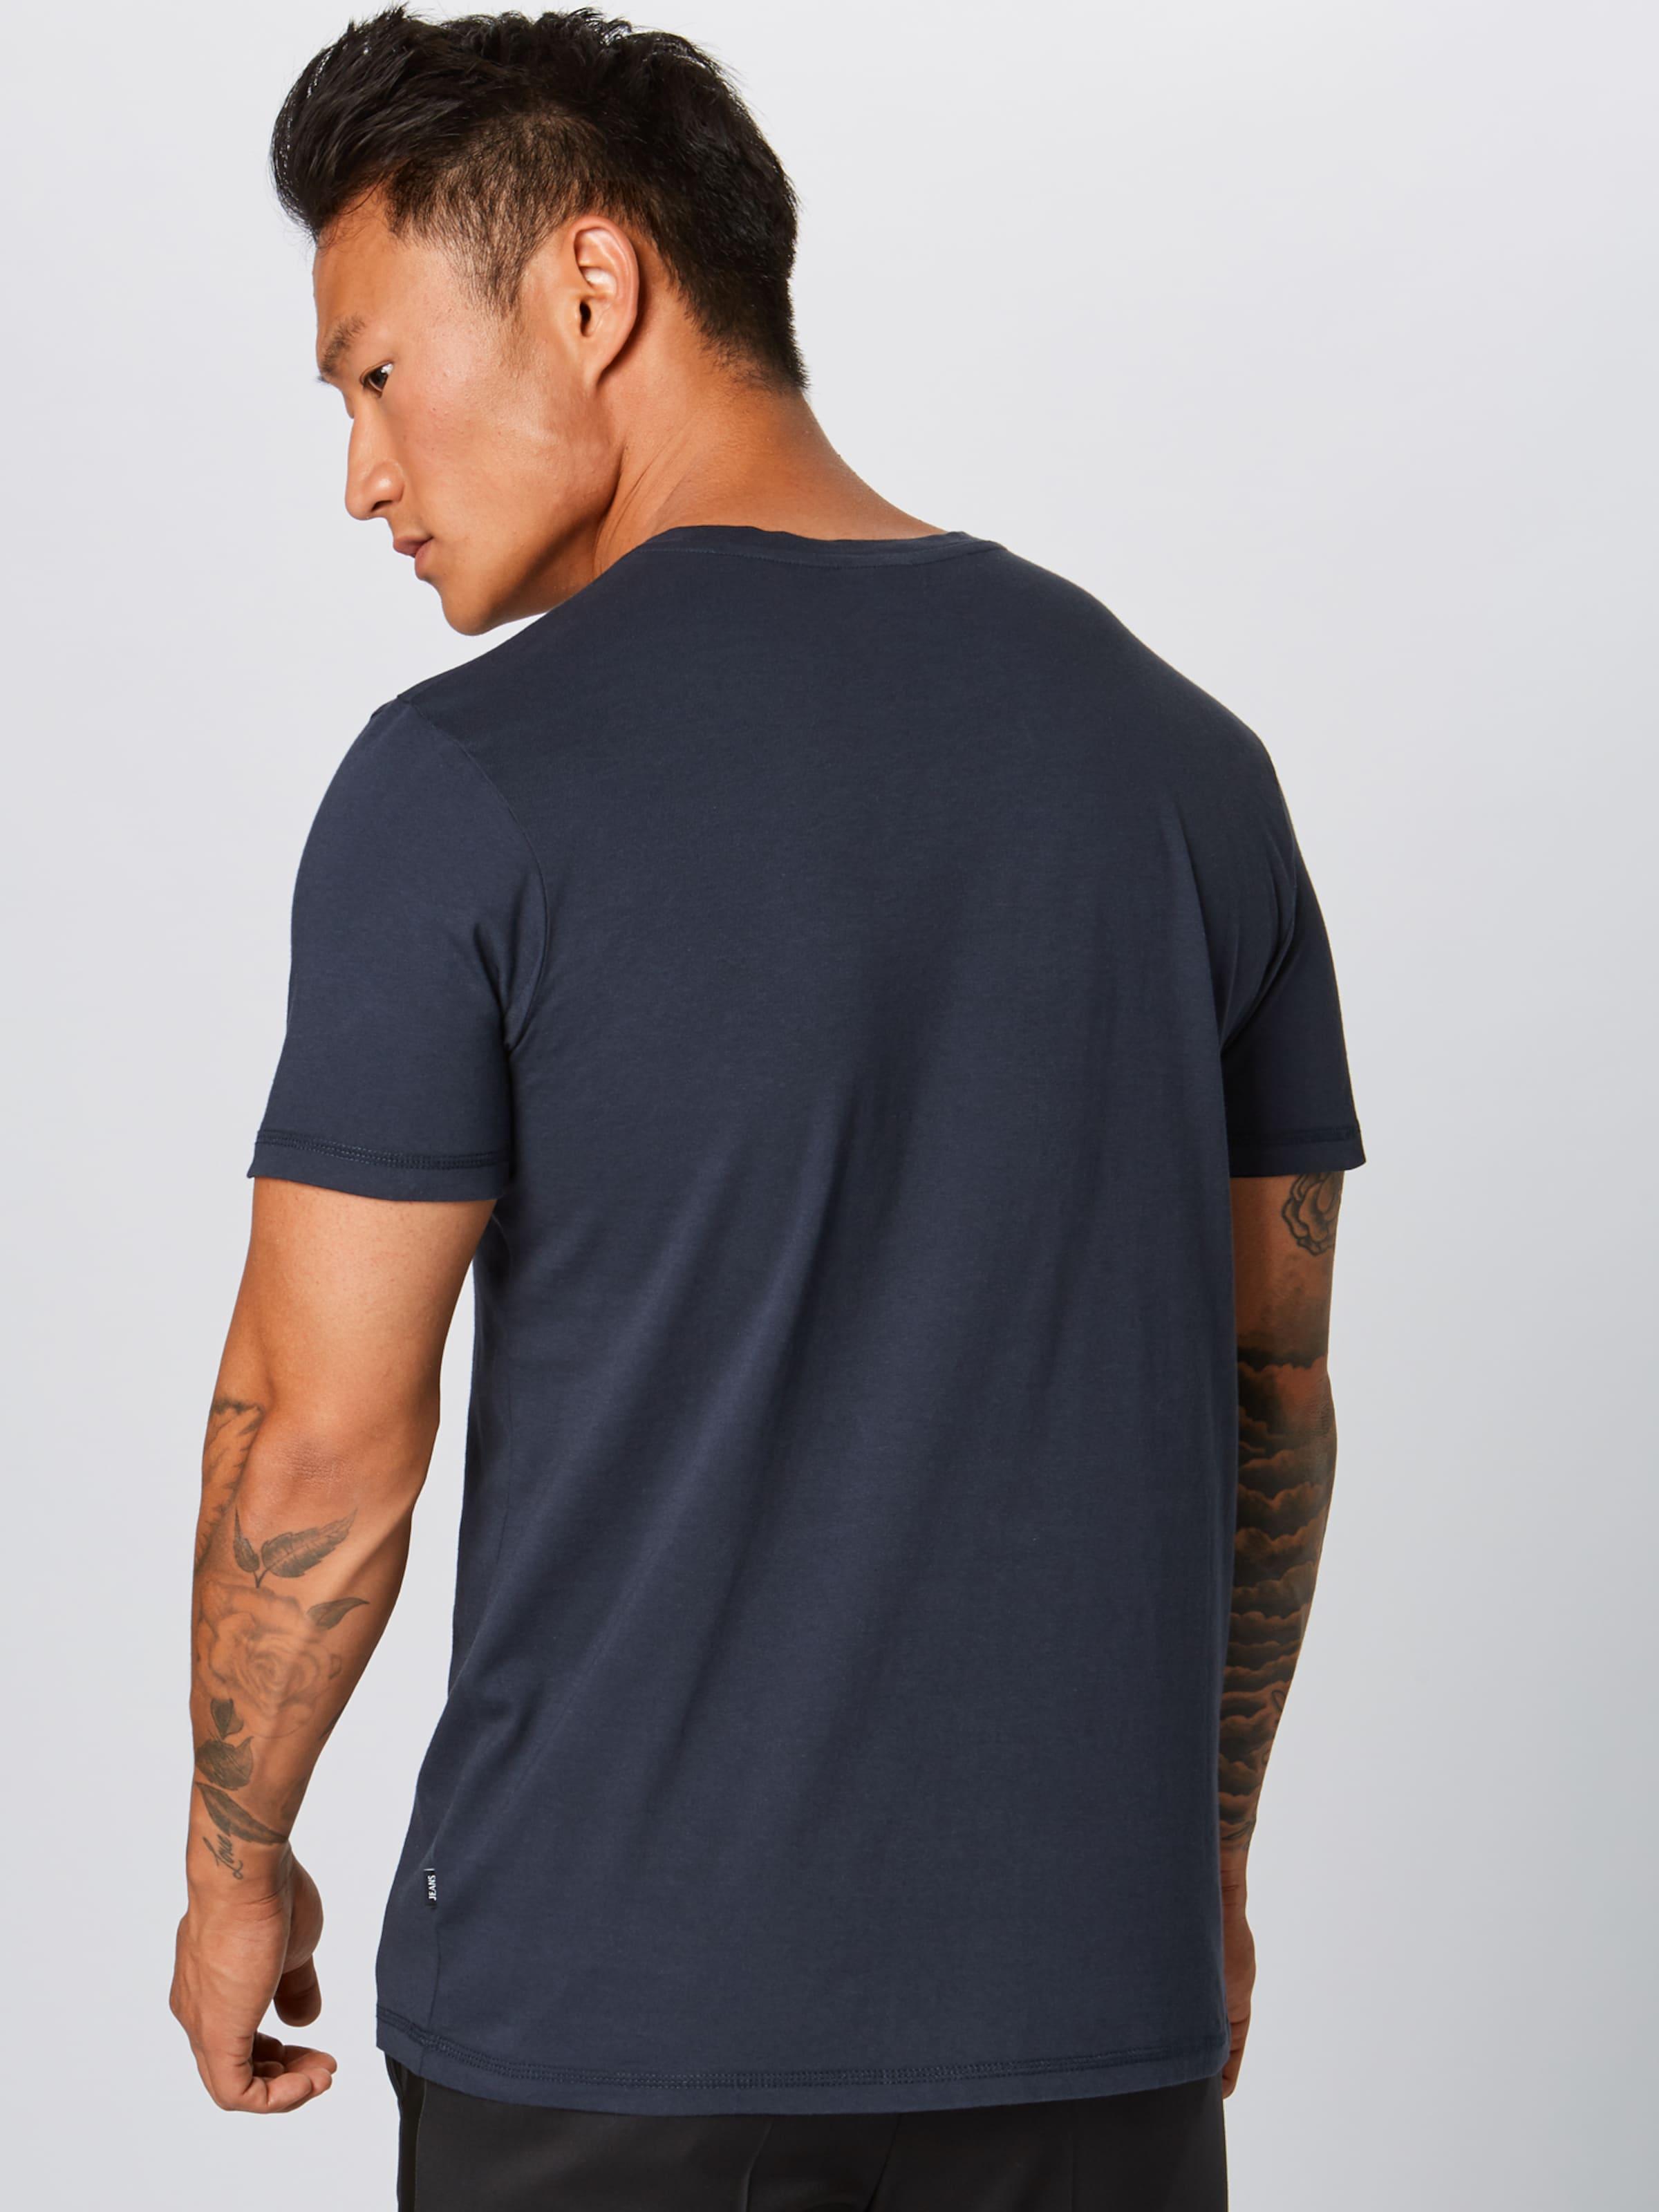 En 'aidan' Bleu shirt Foncé JoopT E9HWD2I